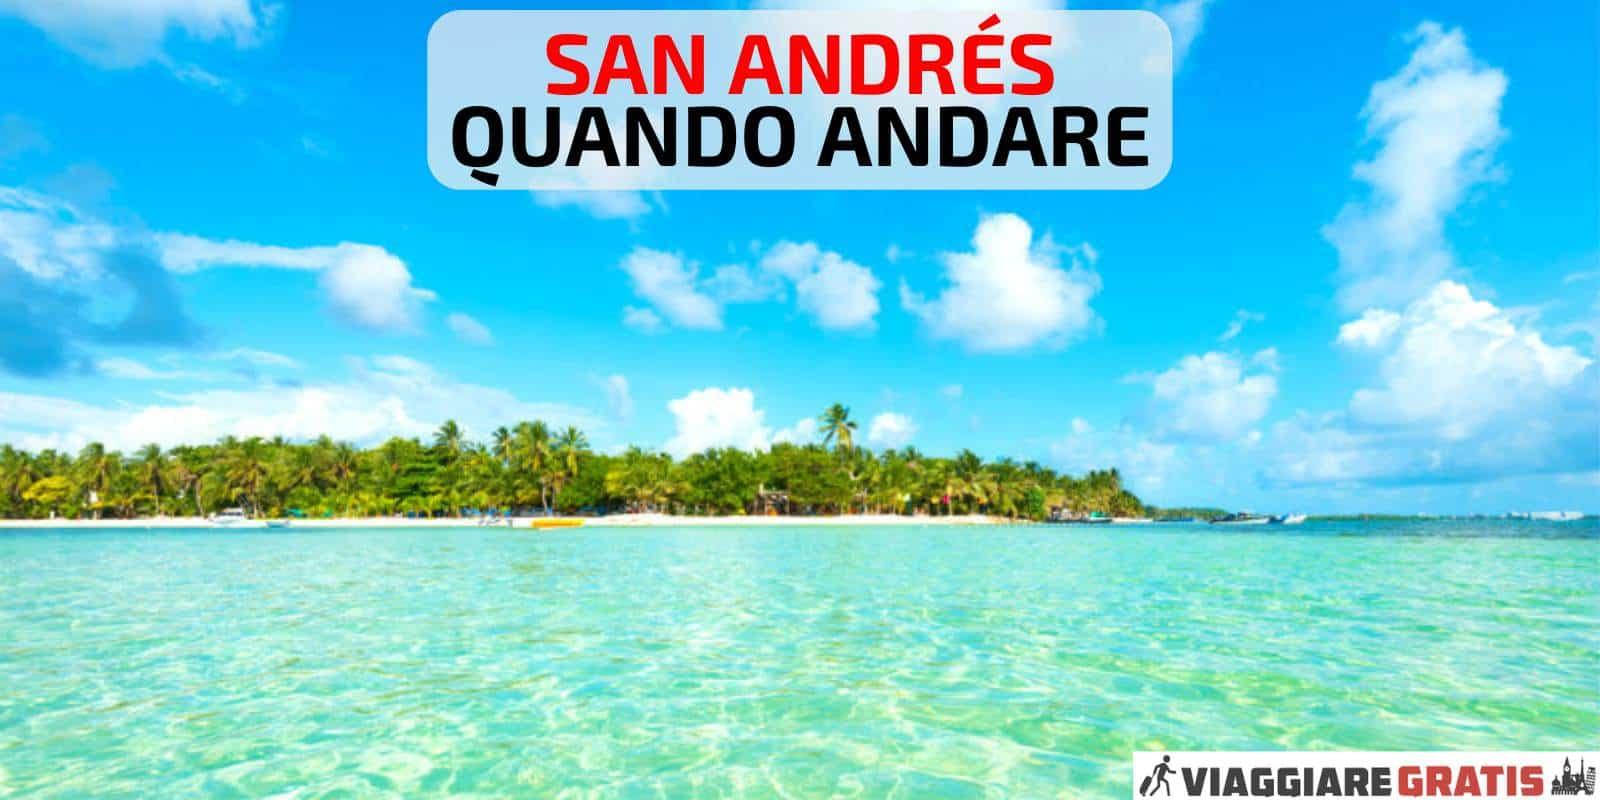 previsioni meteo San Andres quando andare